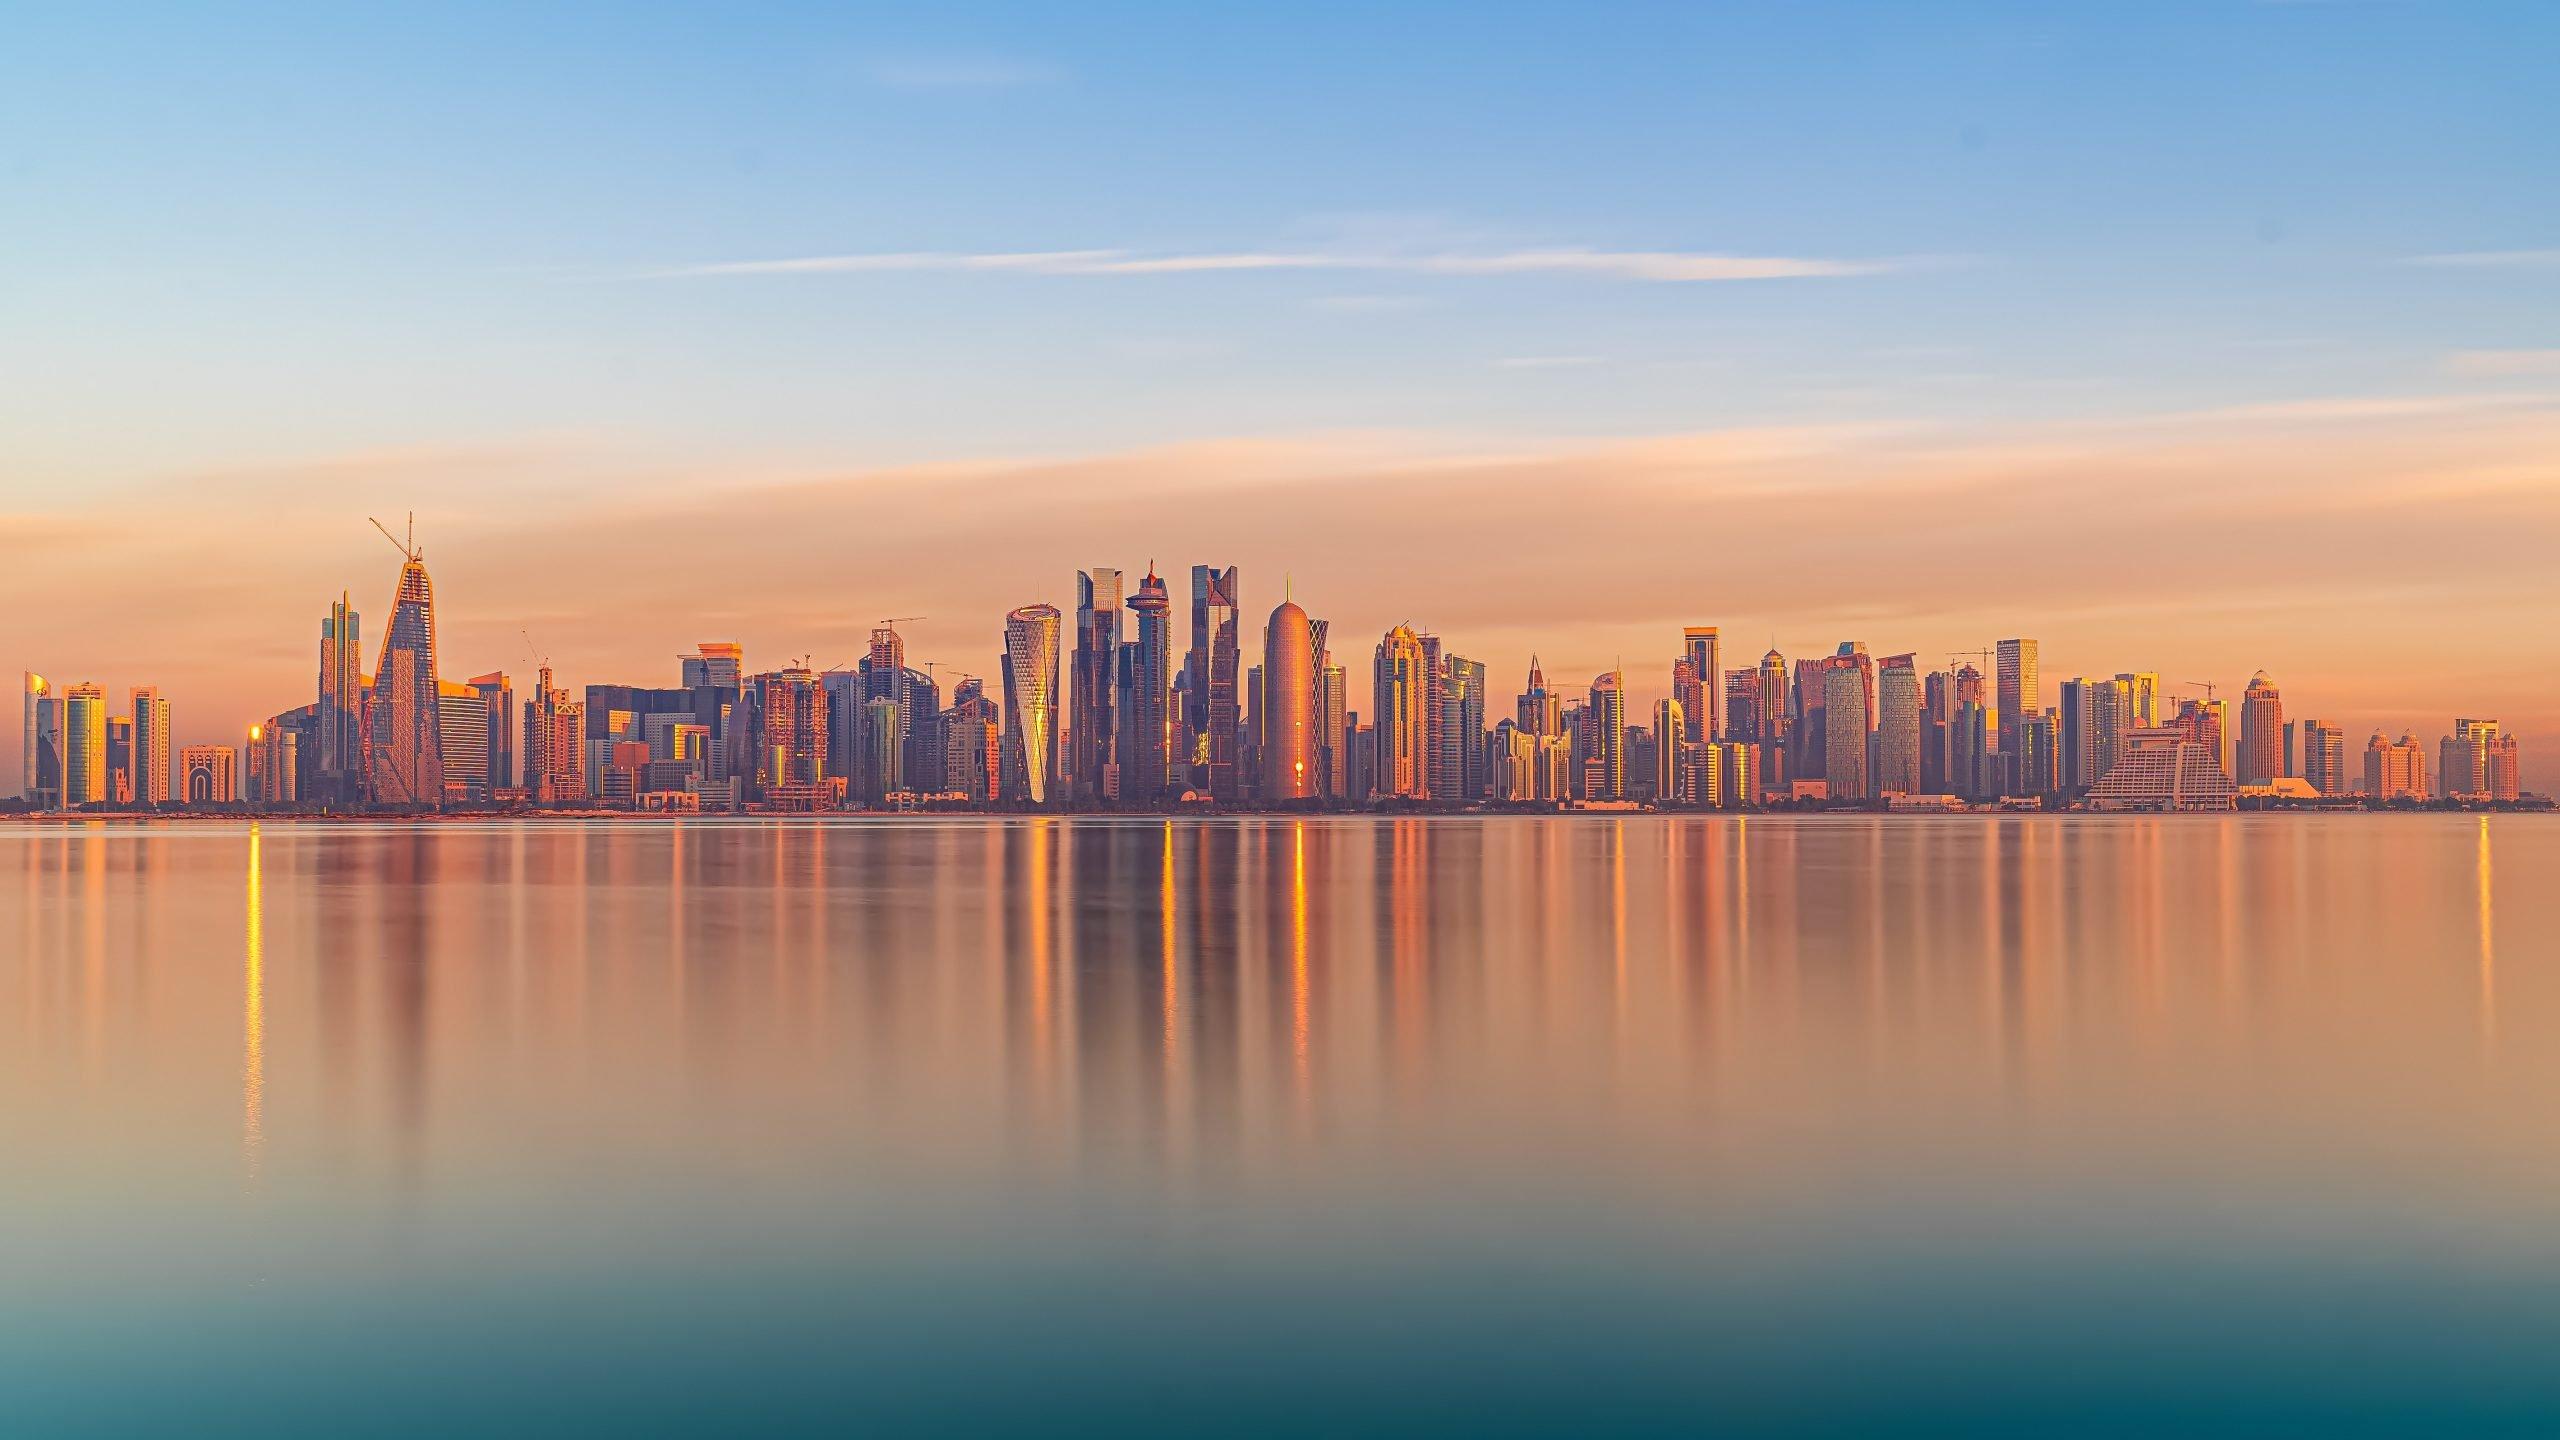 skyline qatar